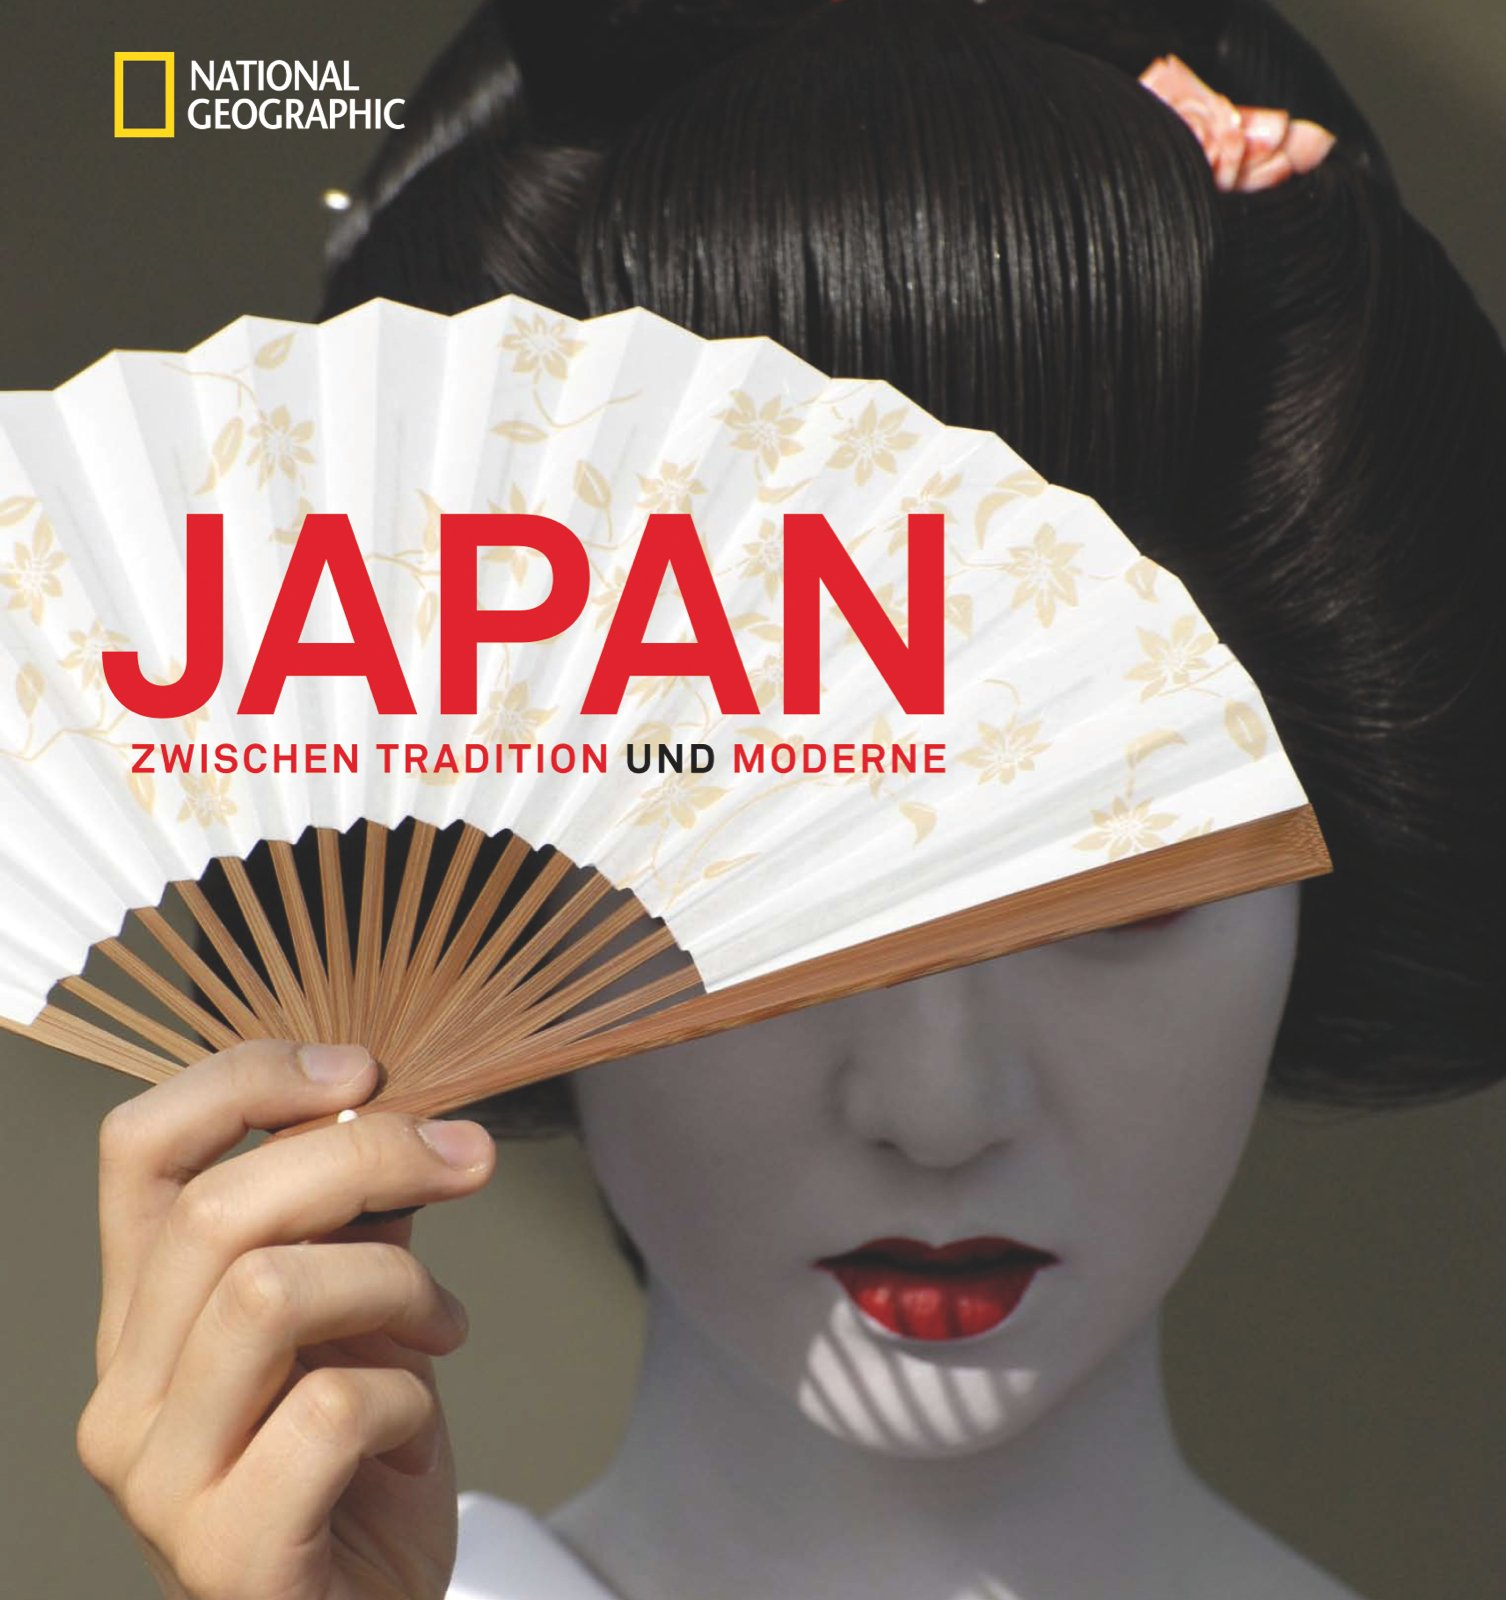 Japan: Zwischen Tradition und Moderne